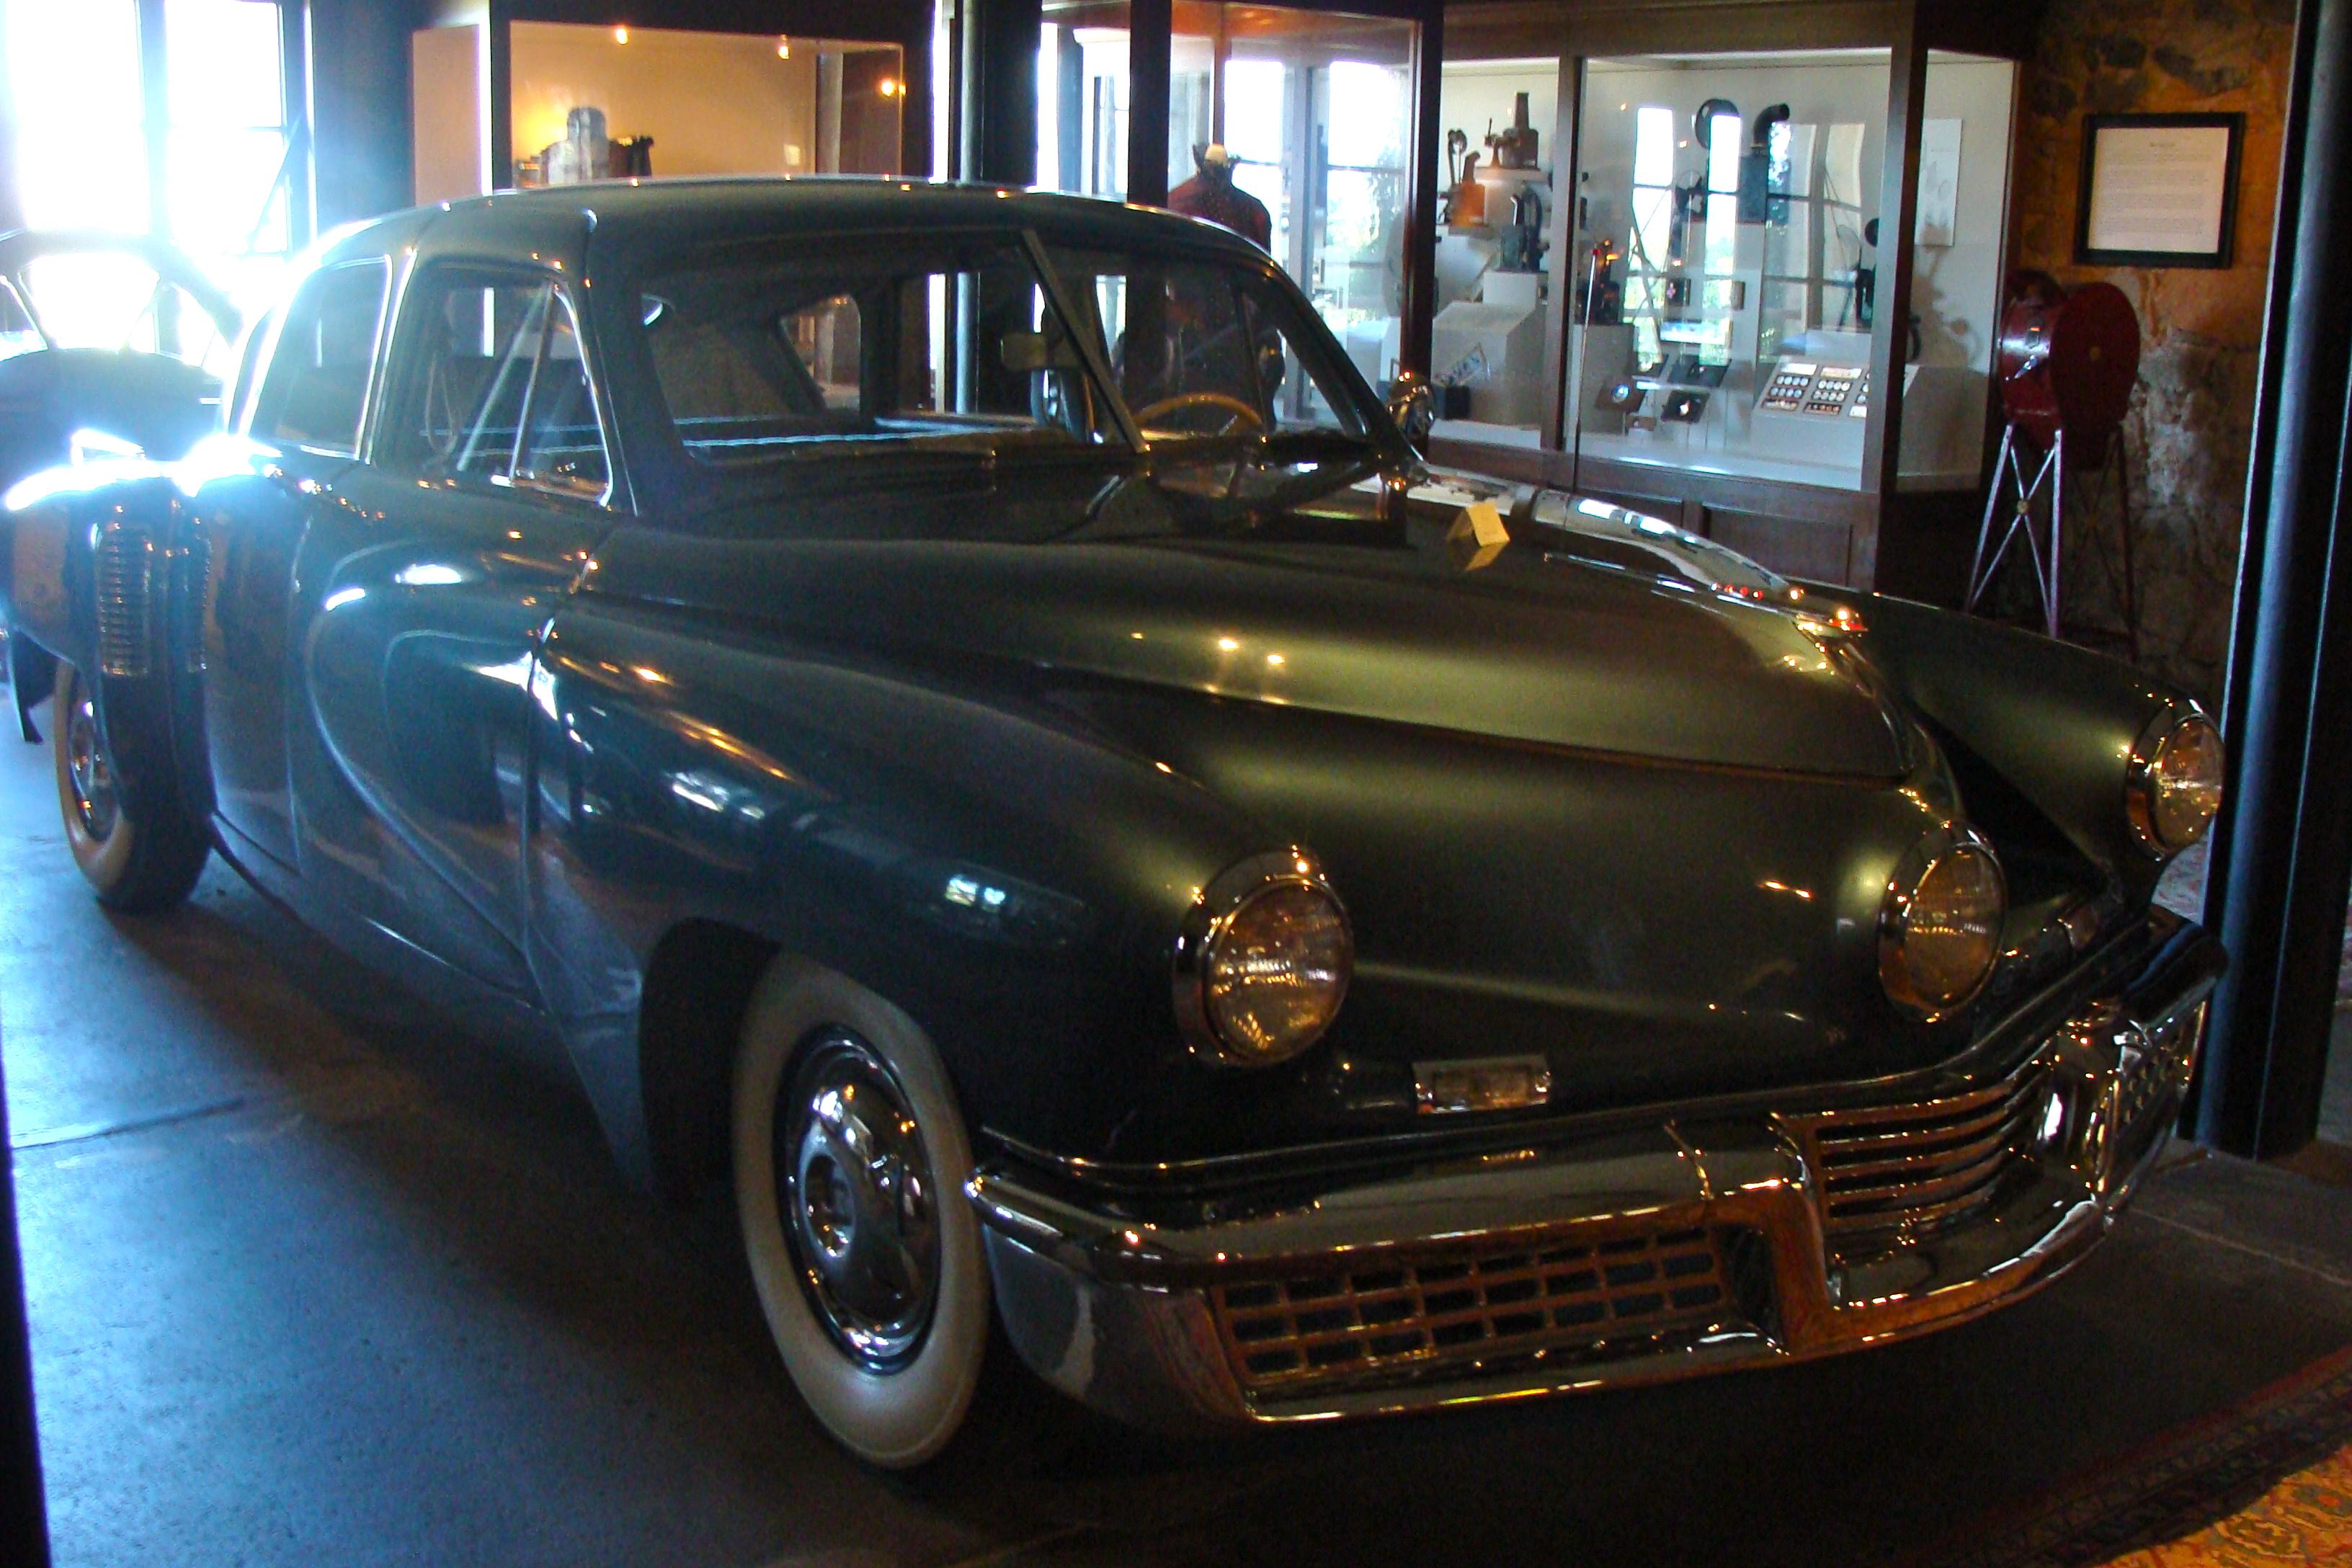 F.F. Coppola's vintage car at Rubicon Estate